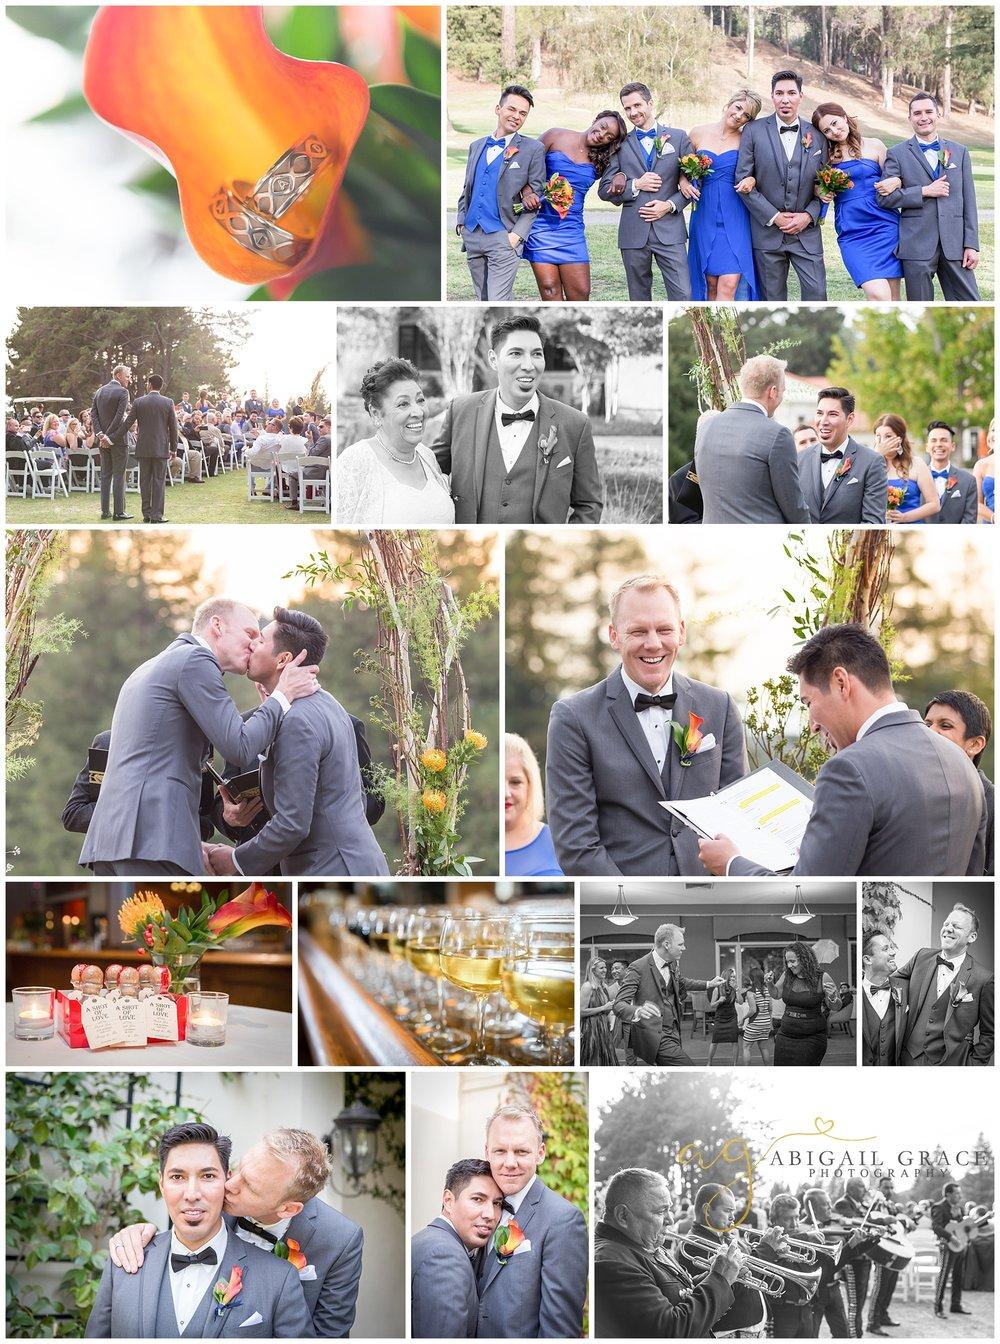 San Francisco Gay Wedding Photos